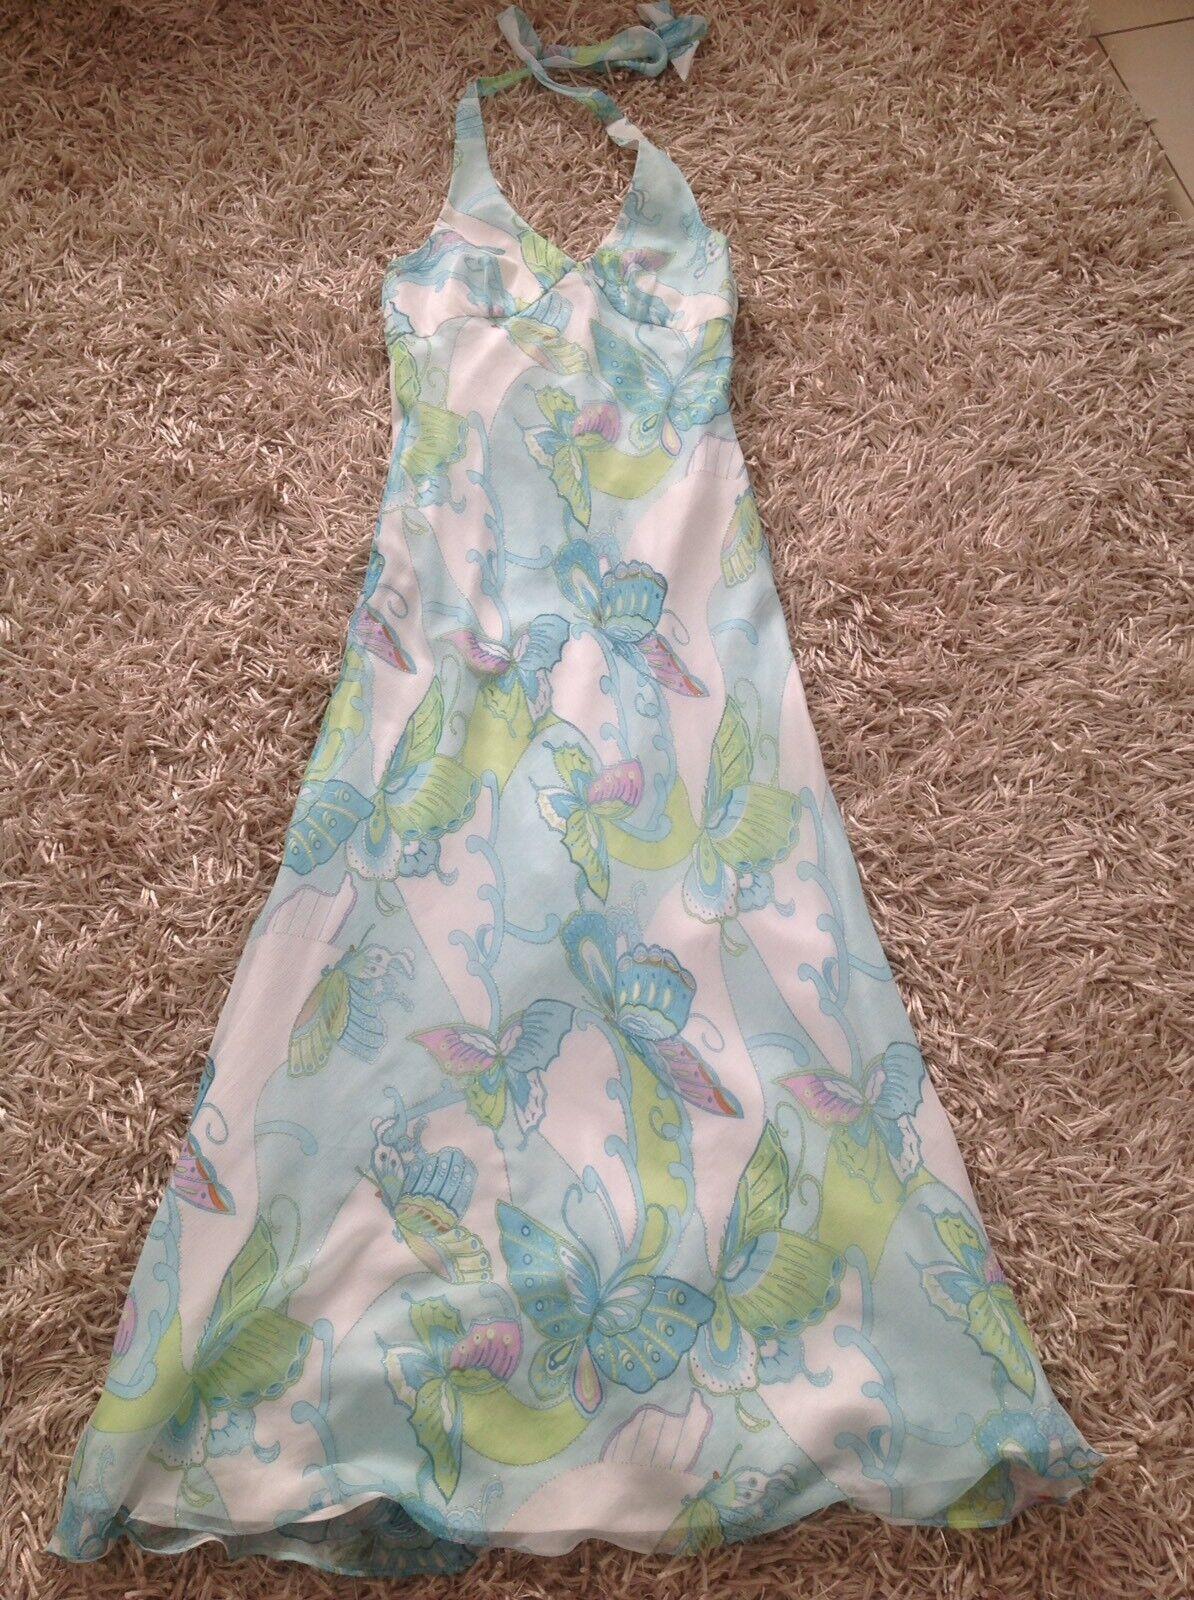 Coobee Damen Sommer Maxi Kleid Kleid Kleid Gr L   38   40 Lang     | Treten Sie ein in die Welt der Spielzeuge und finden Sie eine Quelle des Glücks  | Exquisite Handwerkskunst  | Vielfältiges neues Design  25ccef